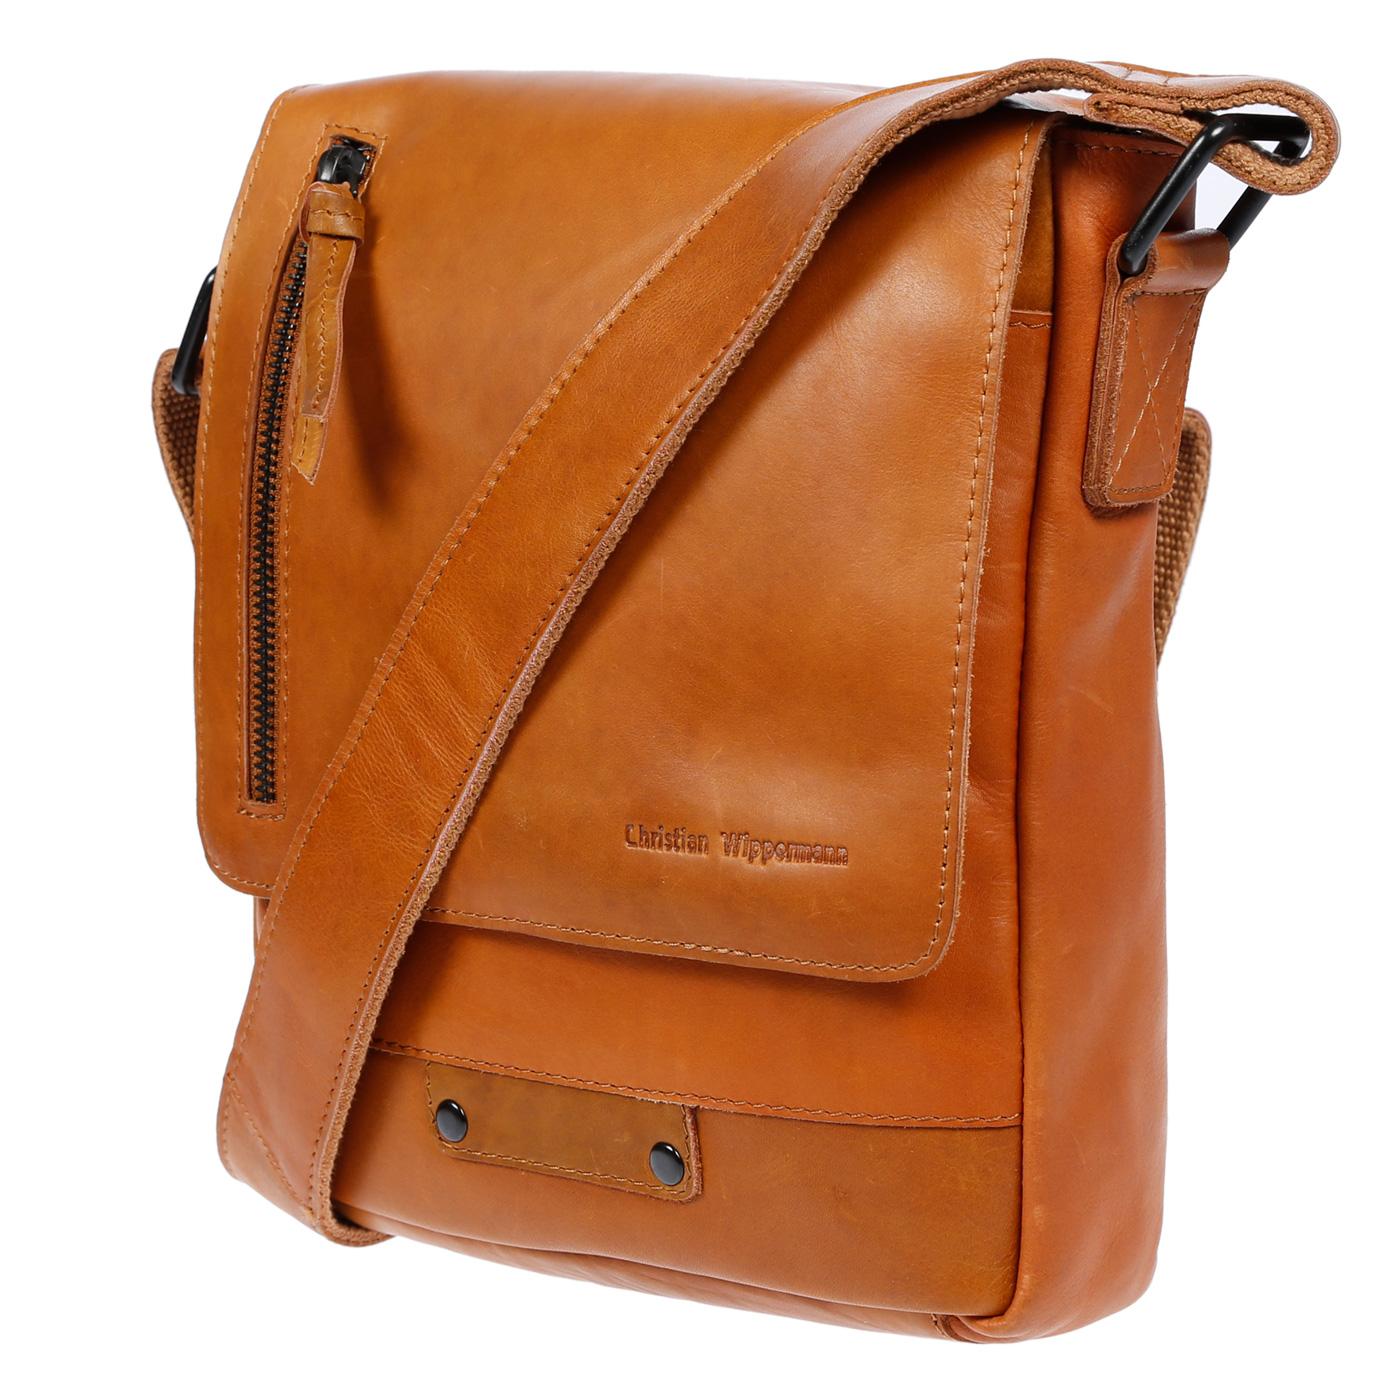 Echt-Leder-Herren-Damen-Umhaengetasche-Tasche-RFID-Schutz-Schultertasche-Umhaenger Indexbild 28